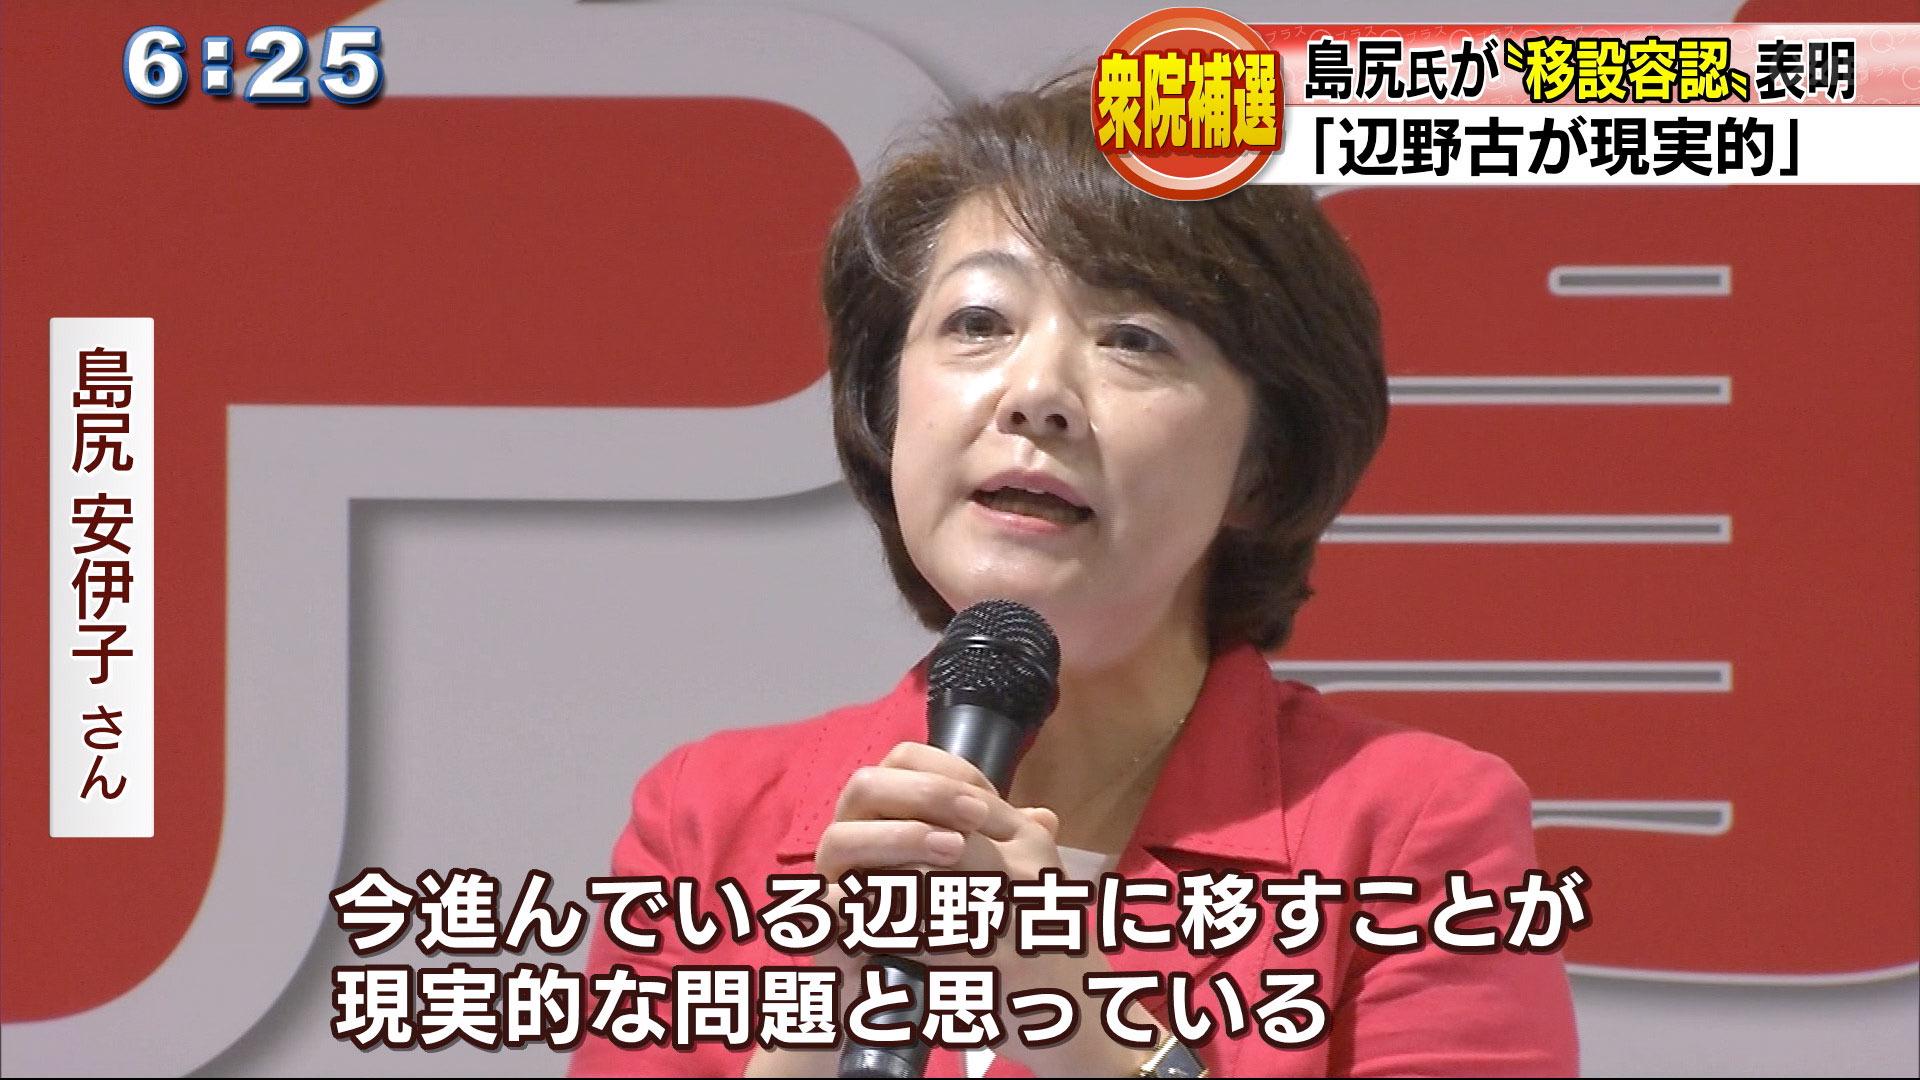 衆院補選 島尻安伊子氏「辺野古が現実的」